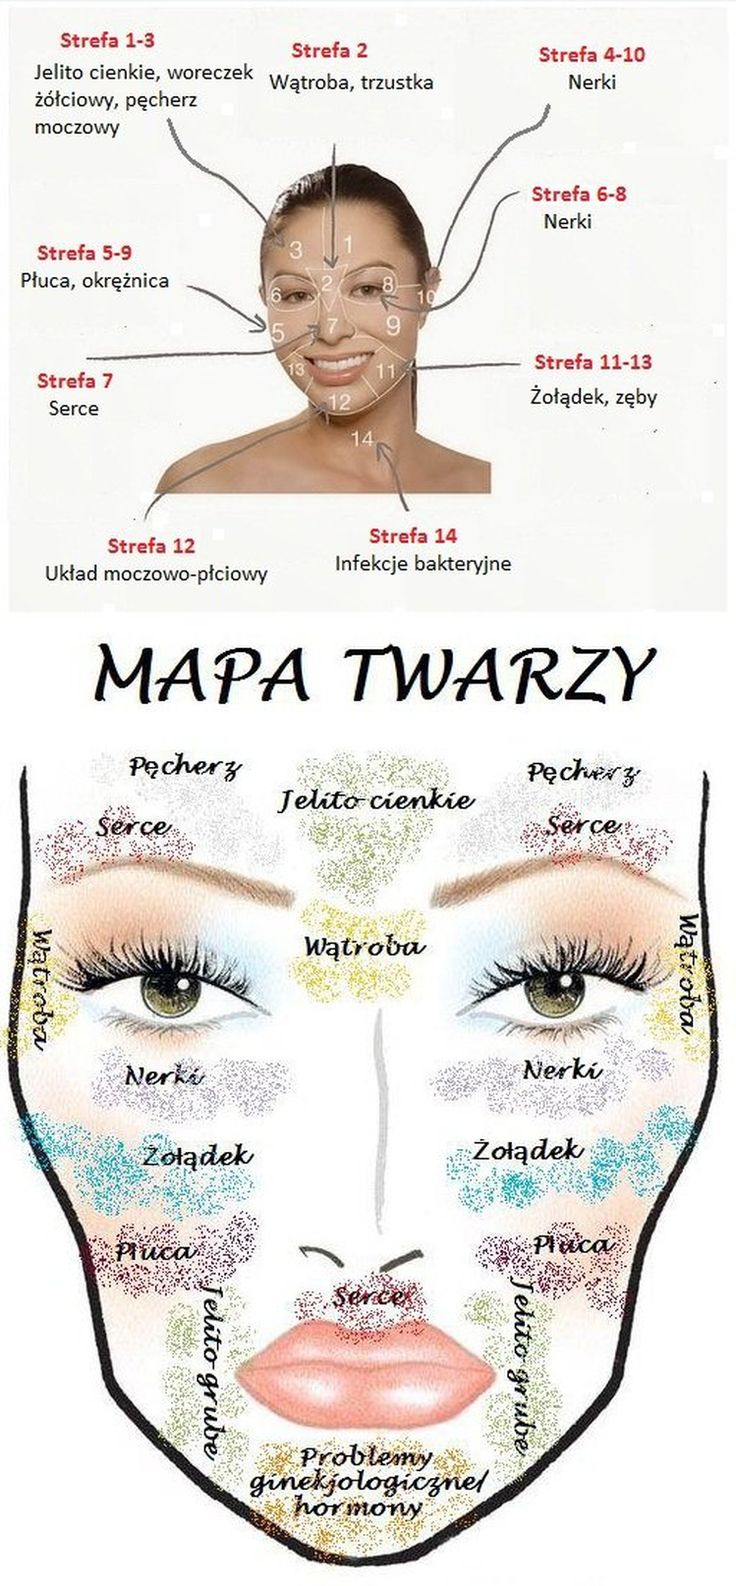 Mapa twarzy